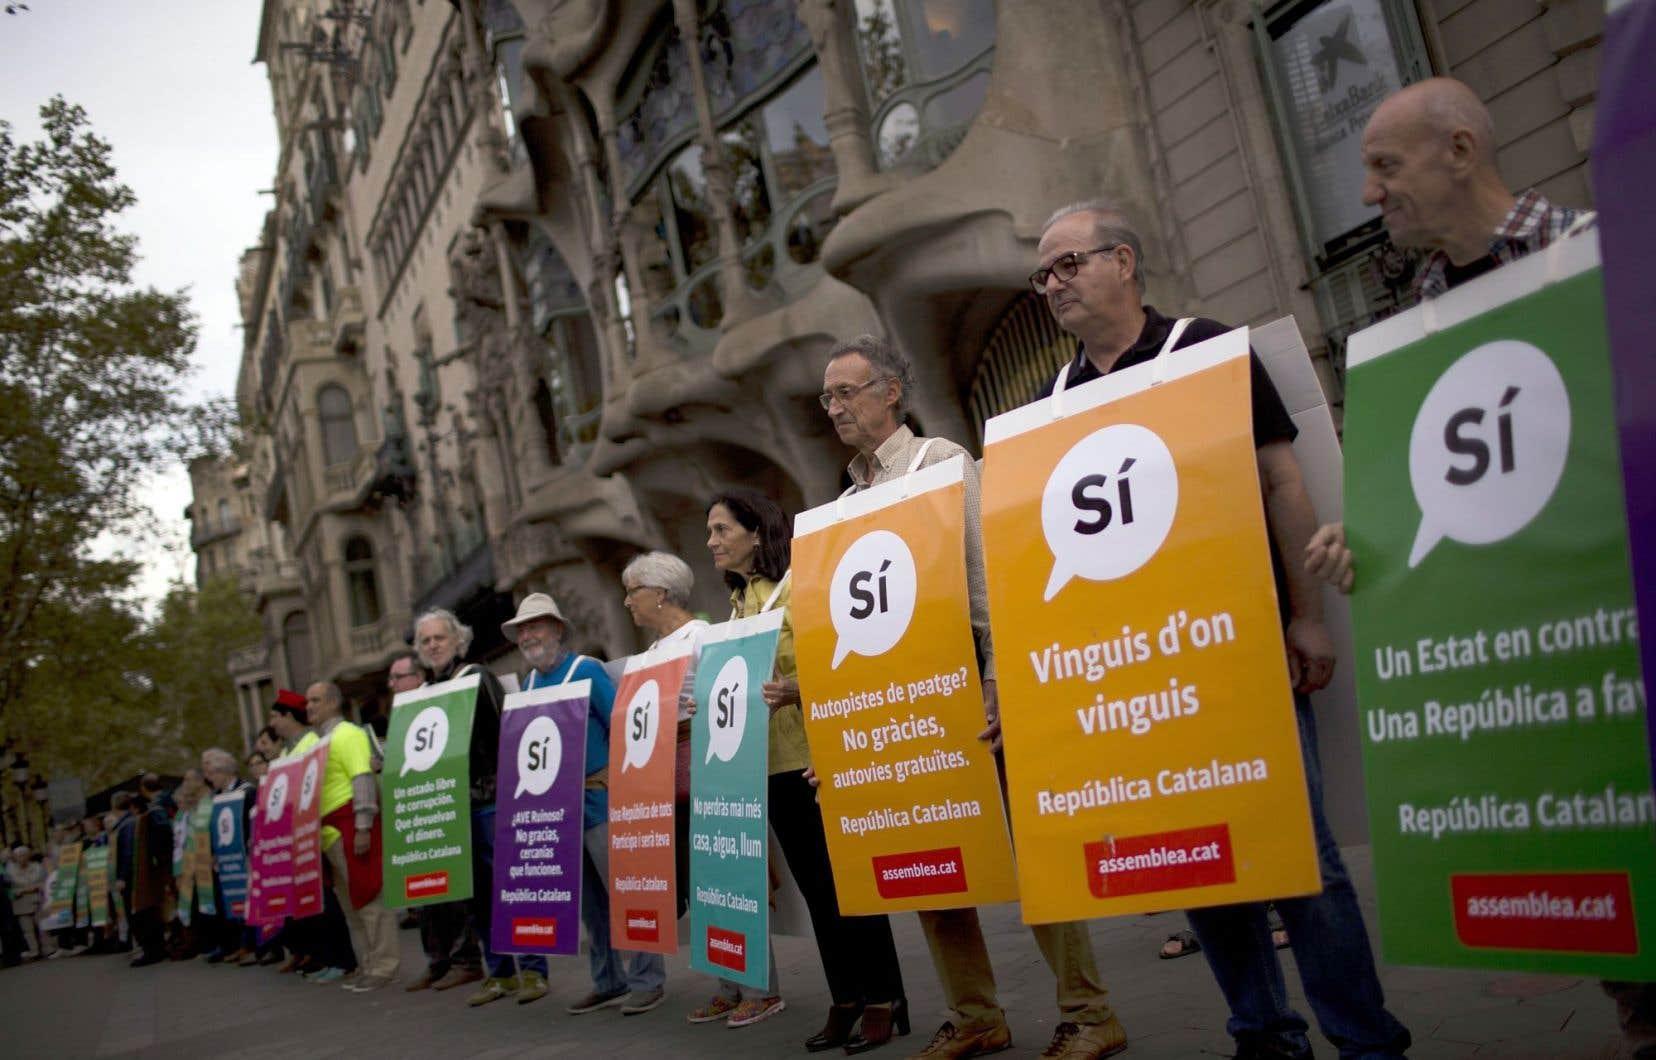 Des partisans de l'indépendance catalane ont manifesté à Barcelone, dimanche, brandissant des pancartes appelant à voter «oui» au référendum.